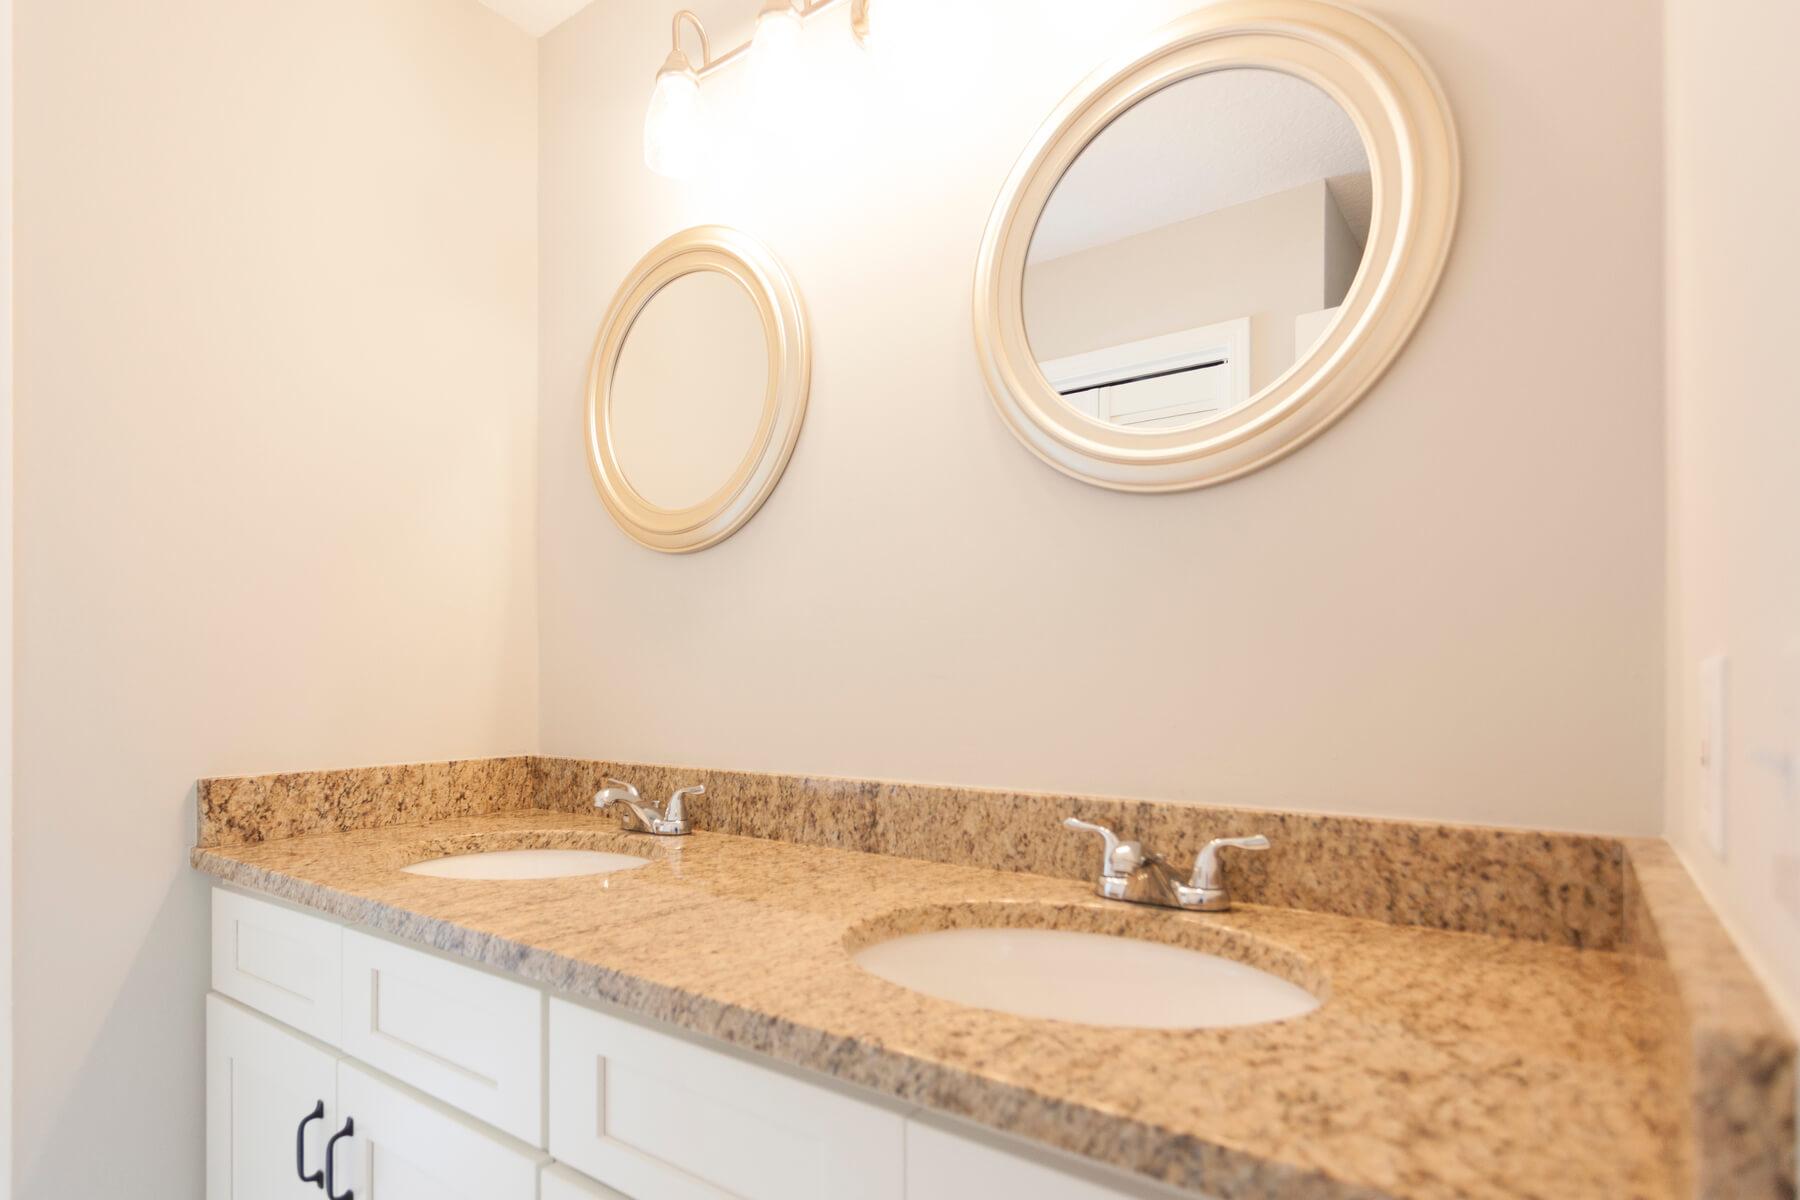 Bathroom Designs Jacksonville Fl bathroom remodel ideas jacksonville | rainier inc.